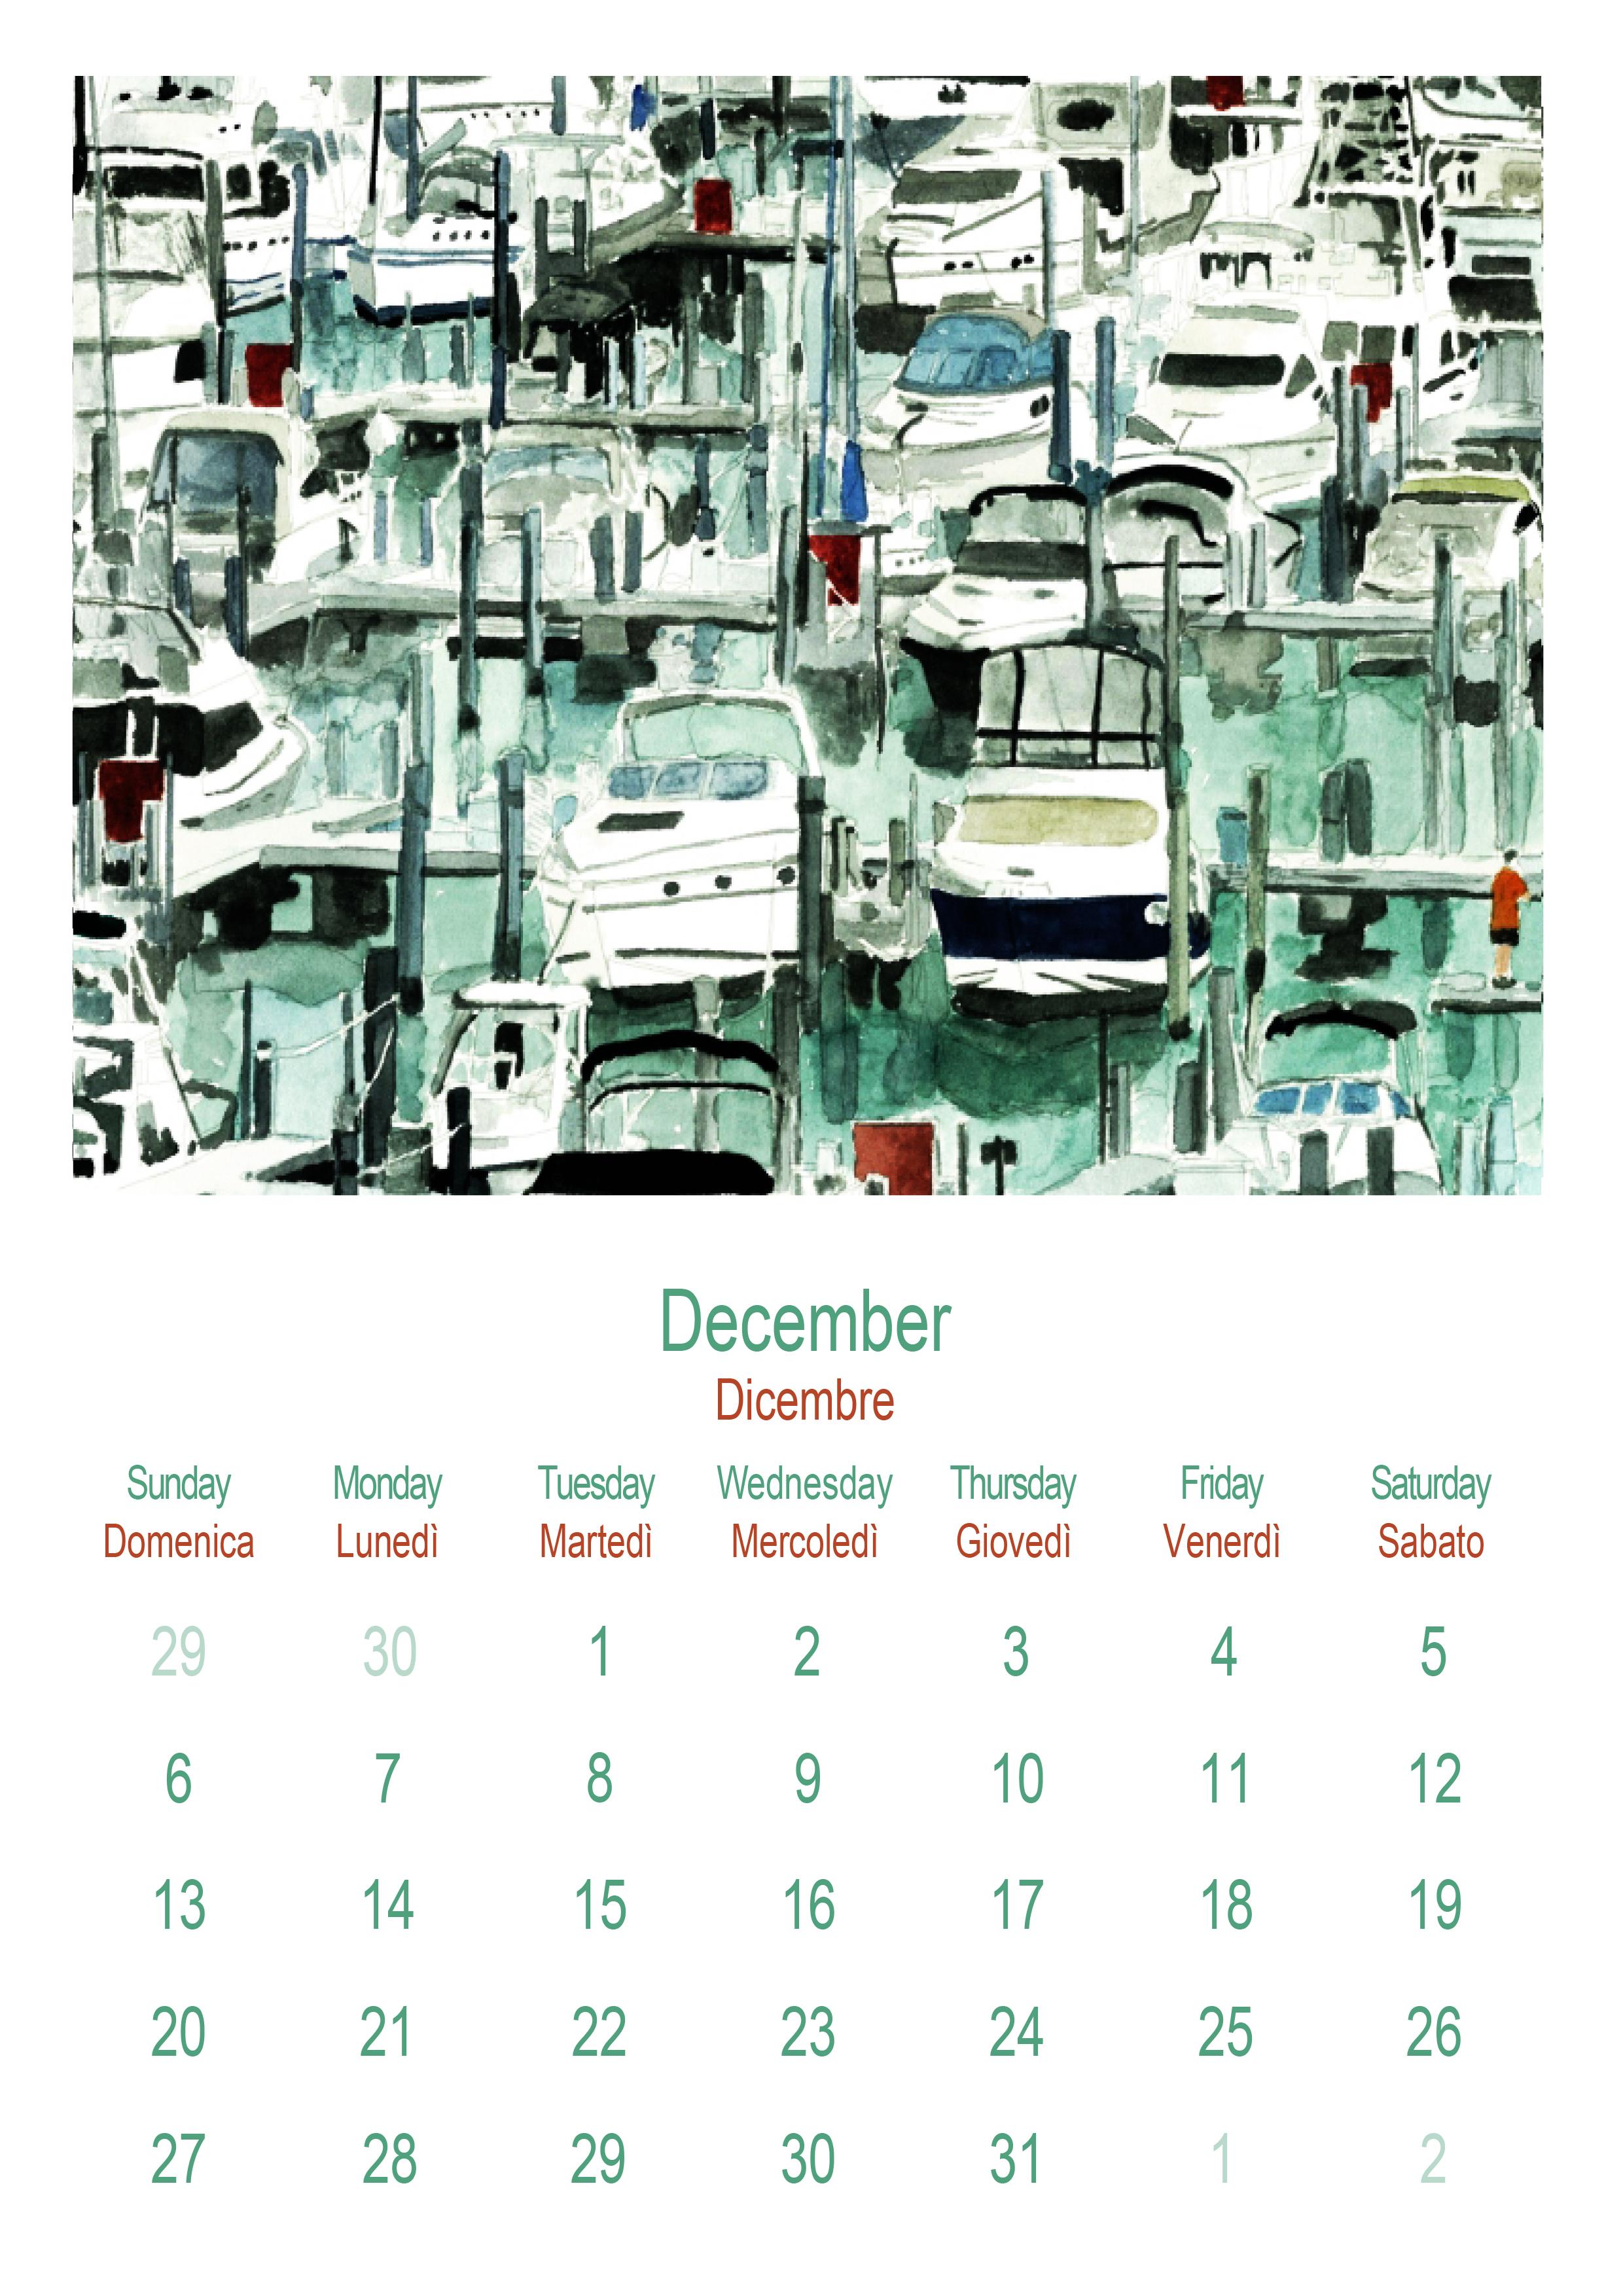 12 Dicembre 2020 DANIELE miami beach mar